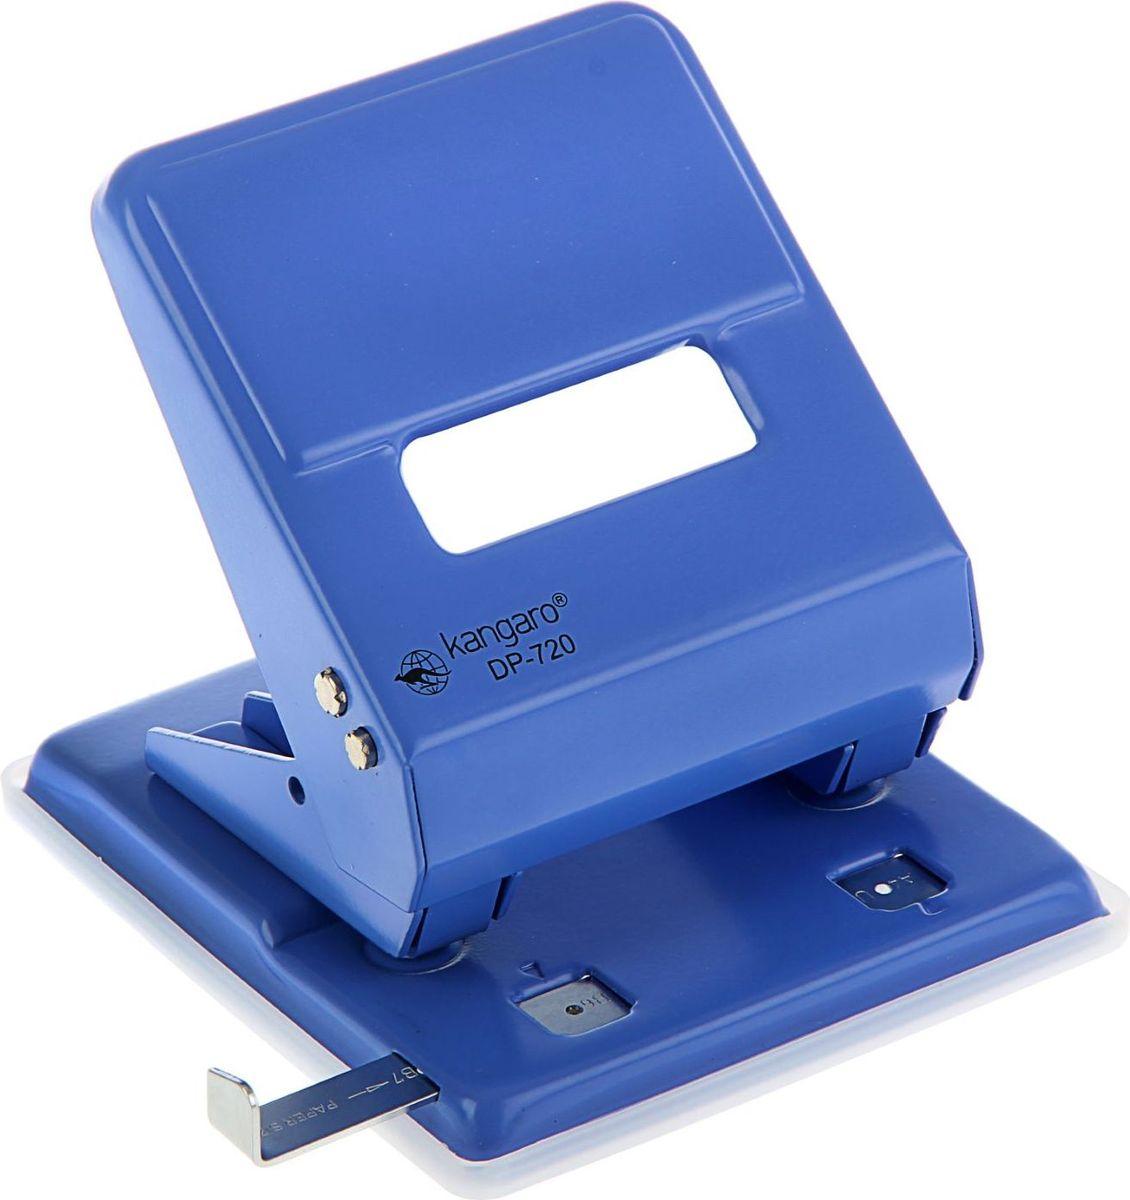 Kangaro Дырокол DP-720 с линейкой на 45 листов цвет синий1744918Удобный и практичный дырокол Kangaro DP-720- незаменимый офисный инструмент. Дырокол в эргономичном корпусе с металлическим механизмом предназначен для одновременной перфорации до 45 листов бумаги. Для удобной работы имеет нескользящее основание и съемный резервуар для обрезков бумаги. Дырокол с линейкой обеспечивает аккуратное и точное пробивание бумаги.